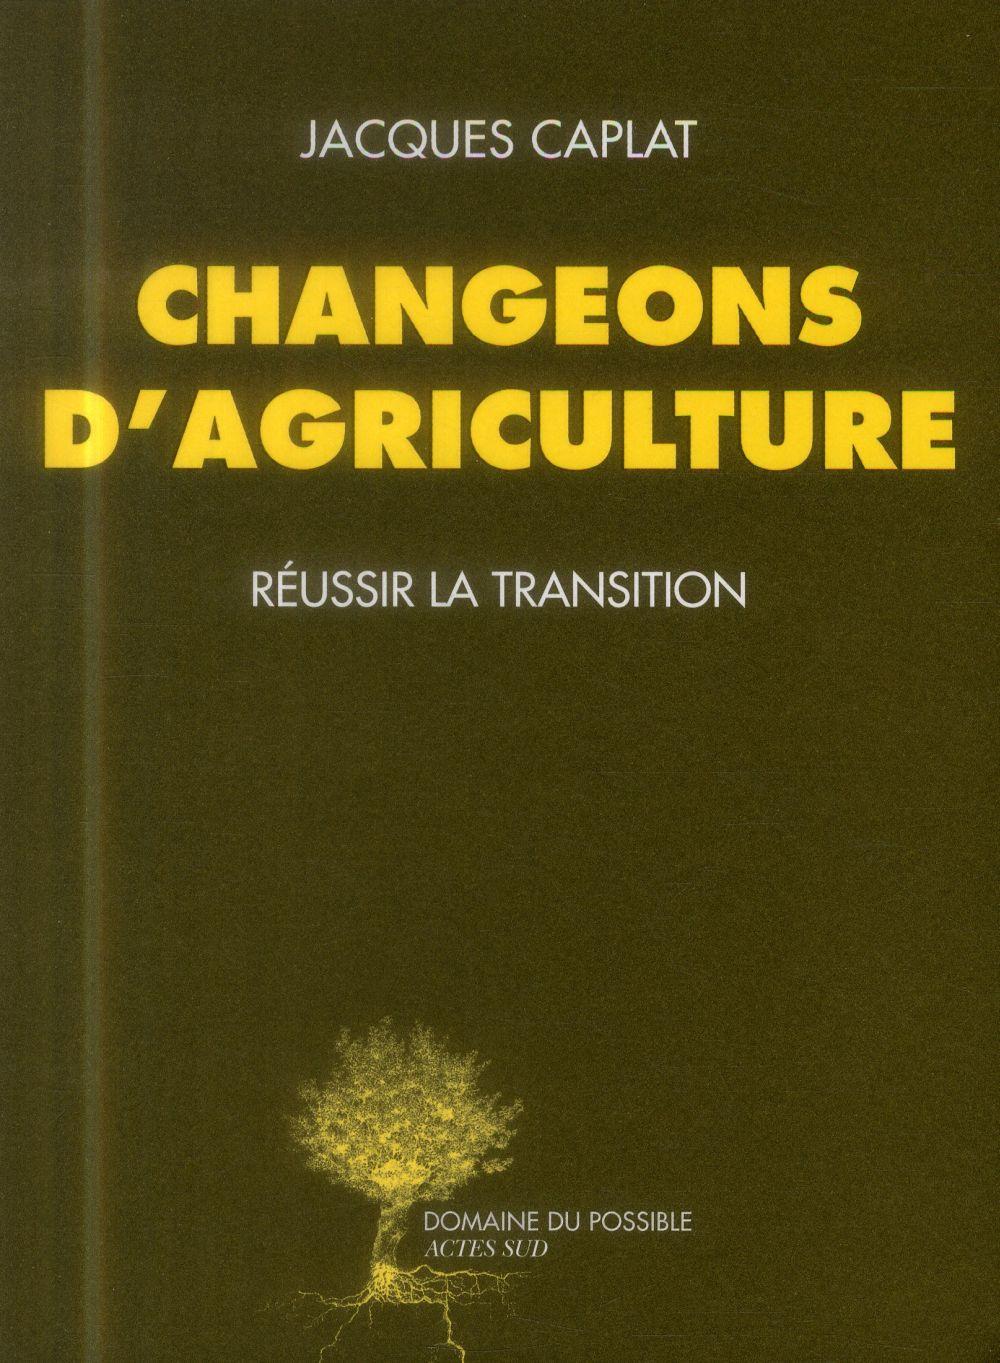 CHANGEONS D'AGRICULTURE  -  REUSSIR LA TRANSITION CAPLAT JACQUES Actes Sud